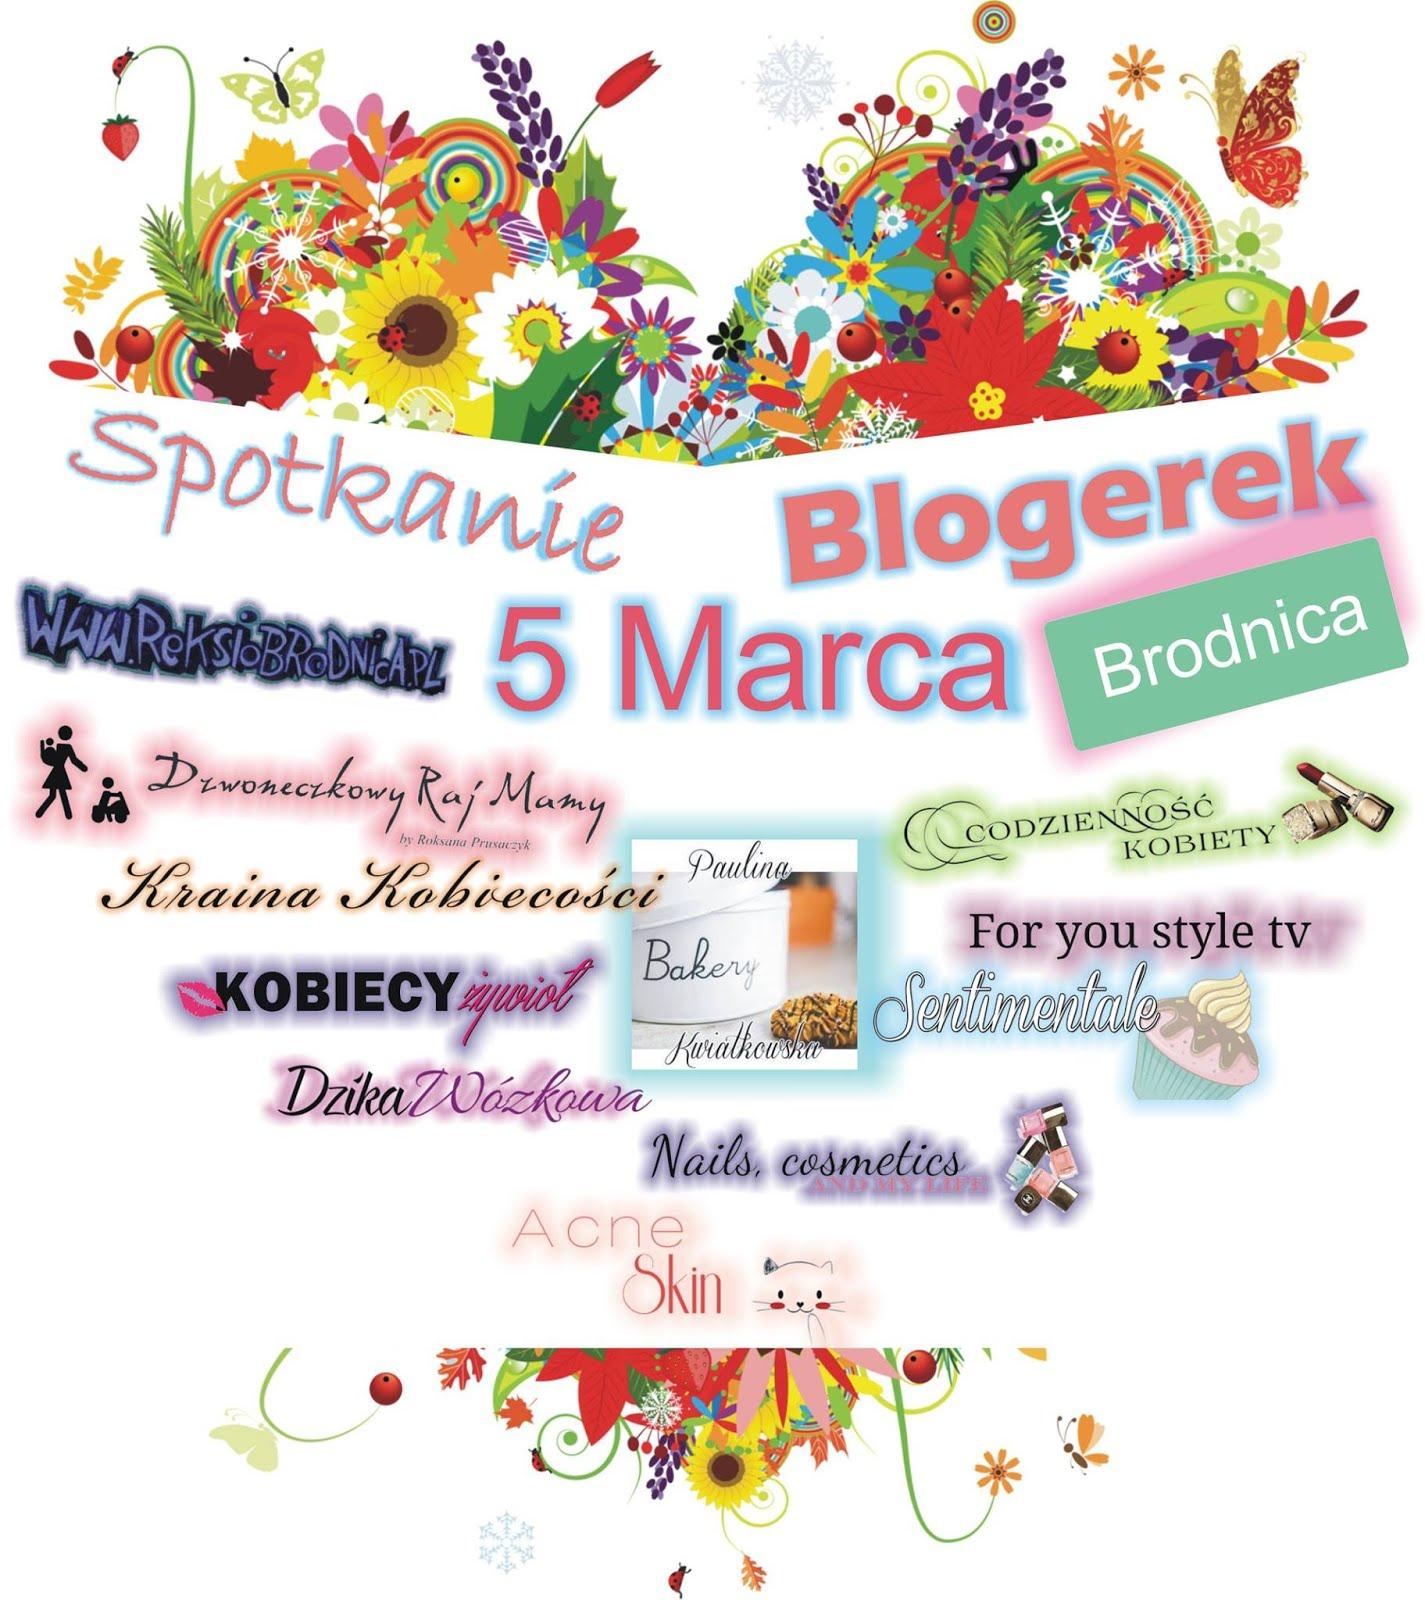 Moje dziecko - Spotkanie Blogerek w Brodnicy